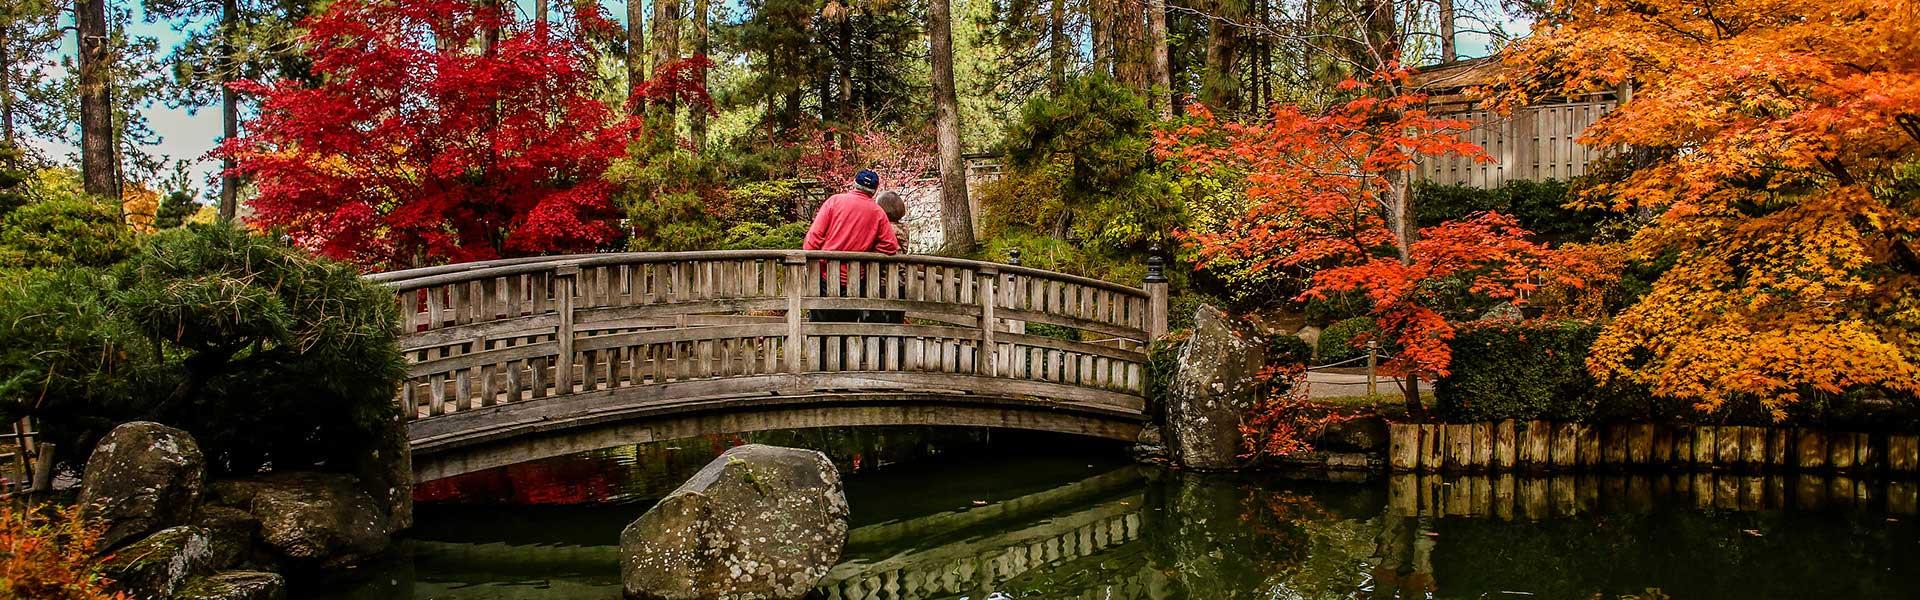 Nishinomiya Tsutakawa Japanese Garden City Of Spokane Washington